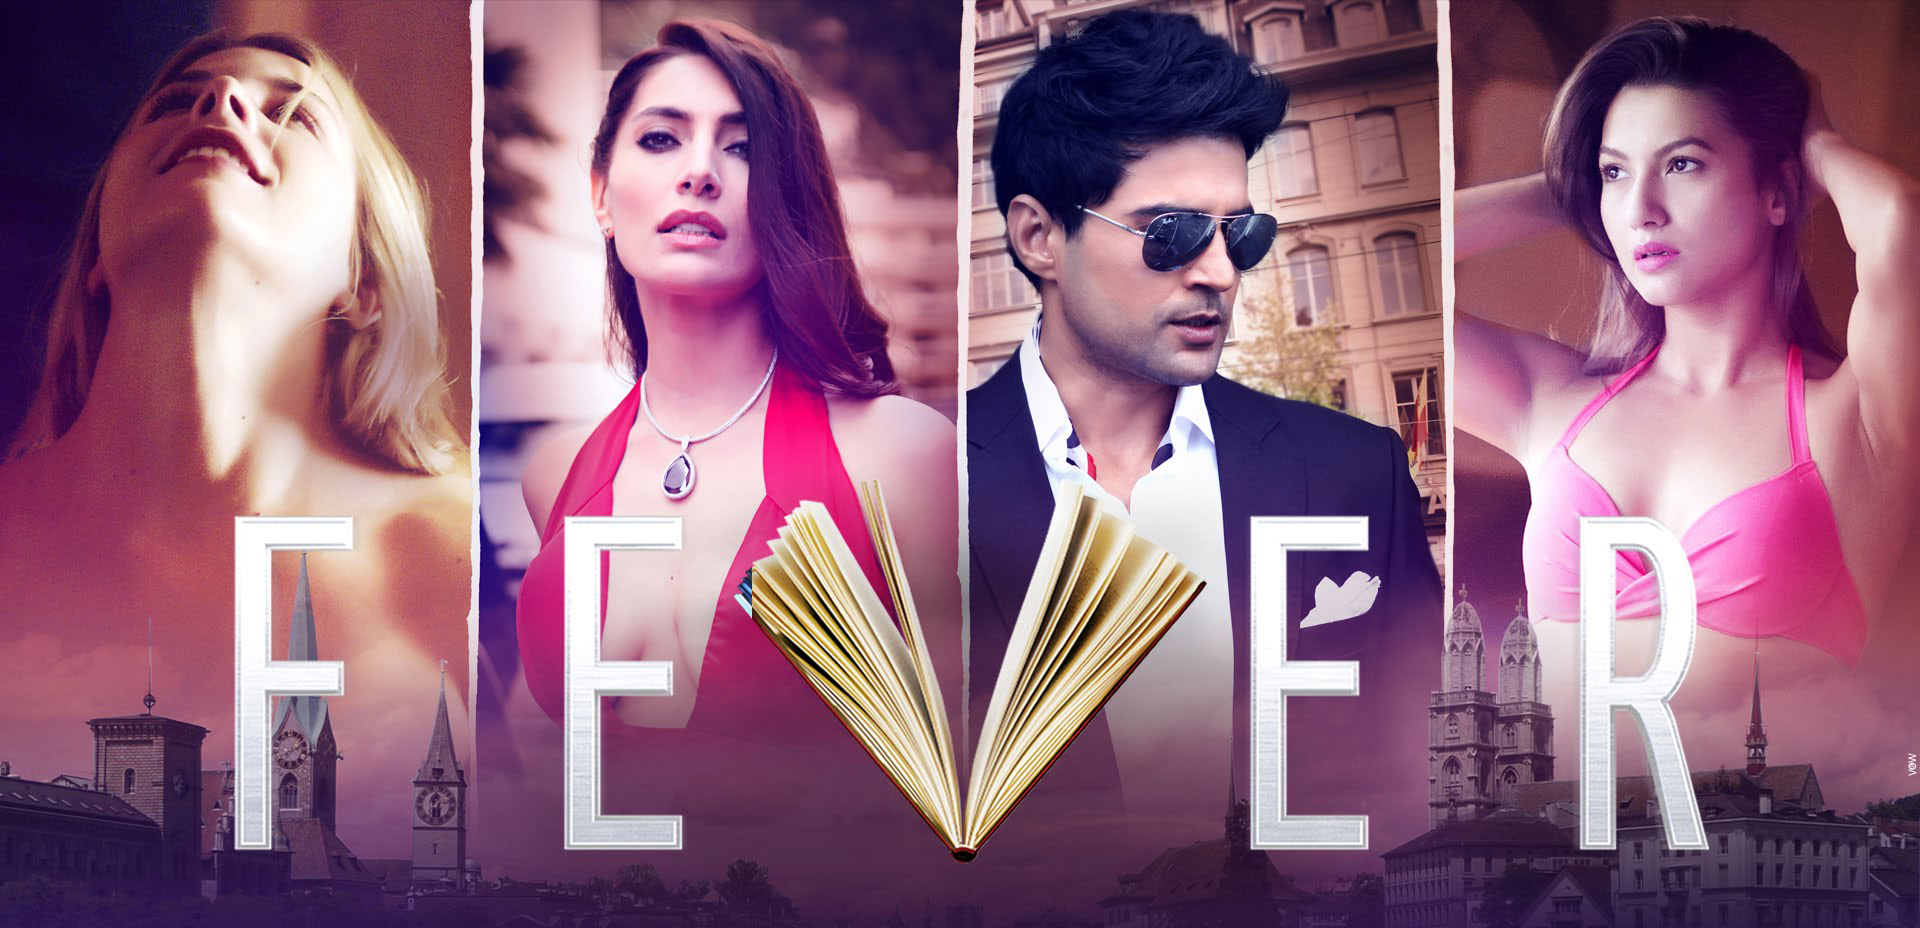 Fever Trailer Rajeev Khandelwal